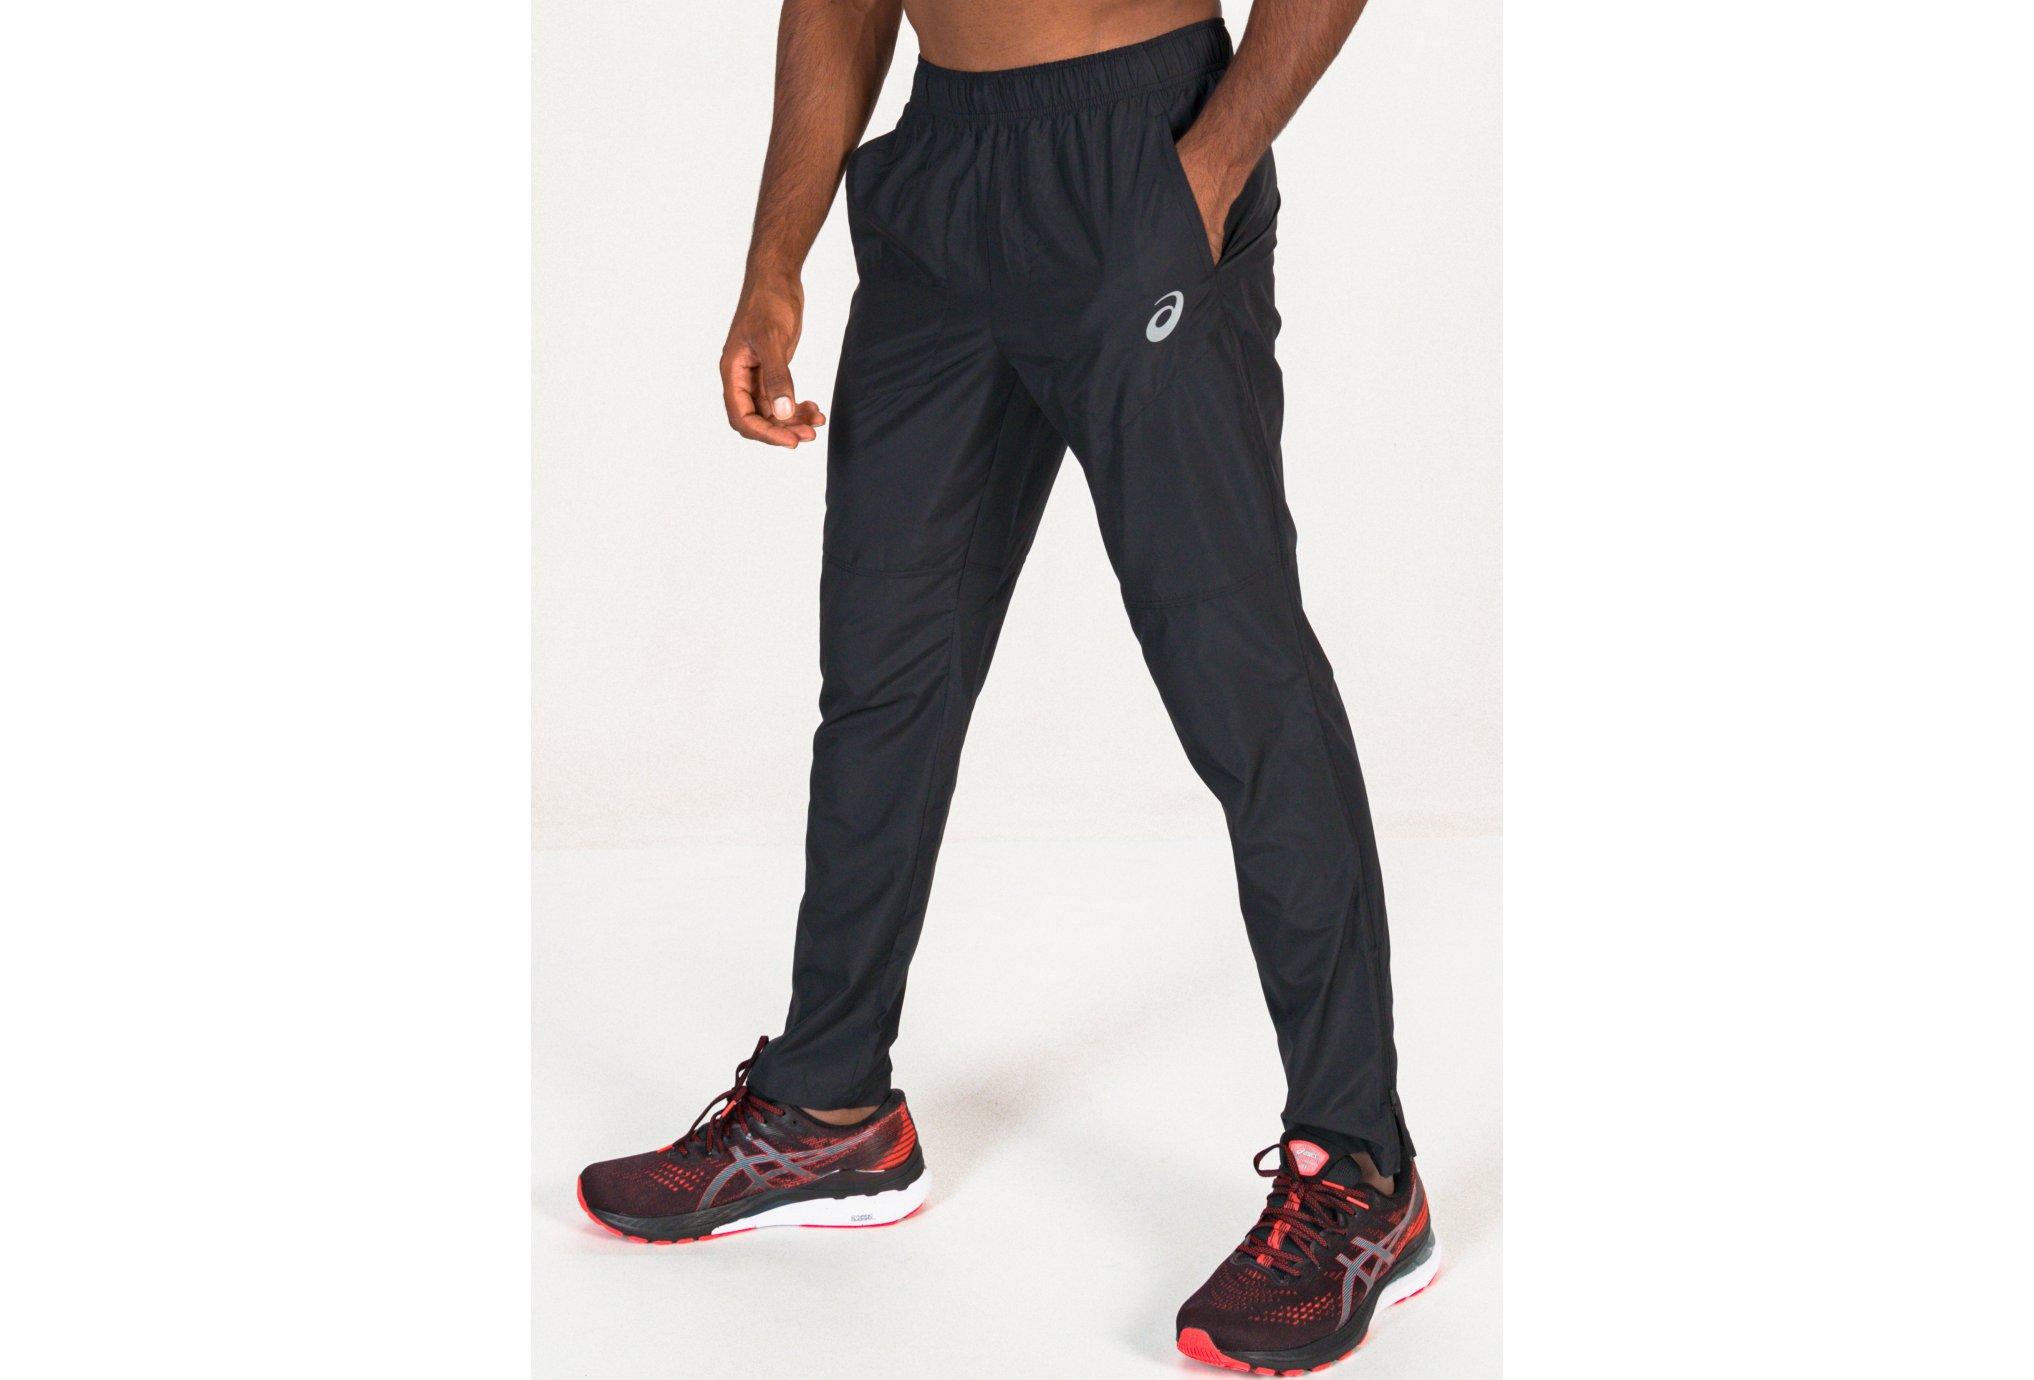 Asics Core Woven M vêtement running homme